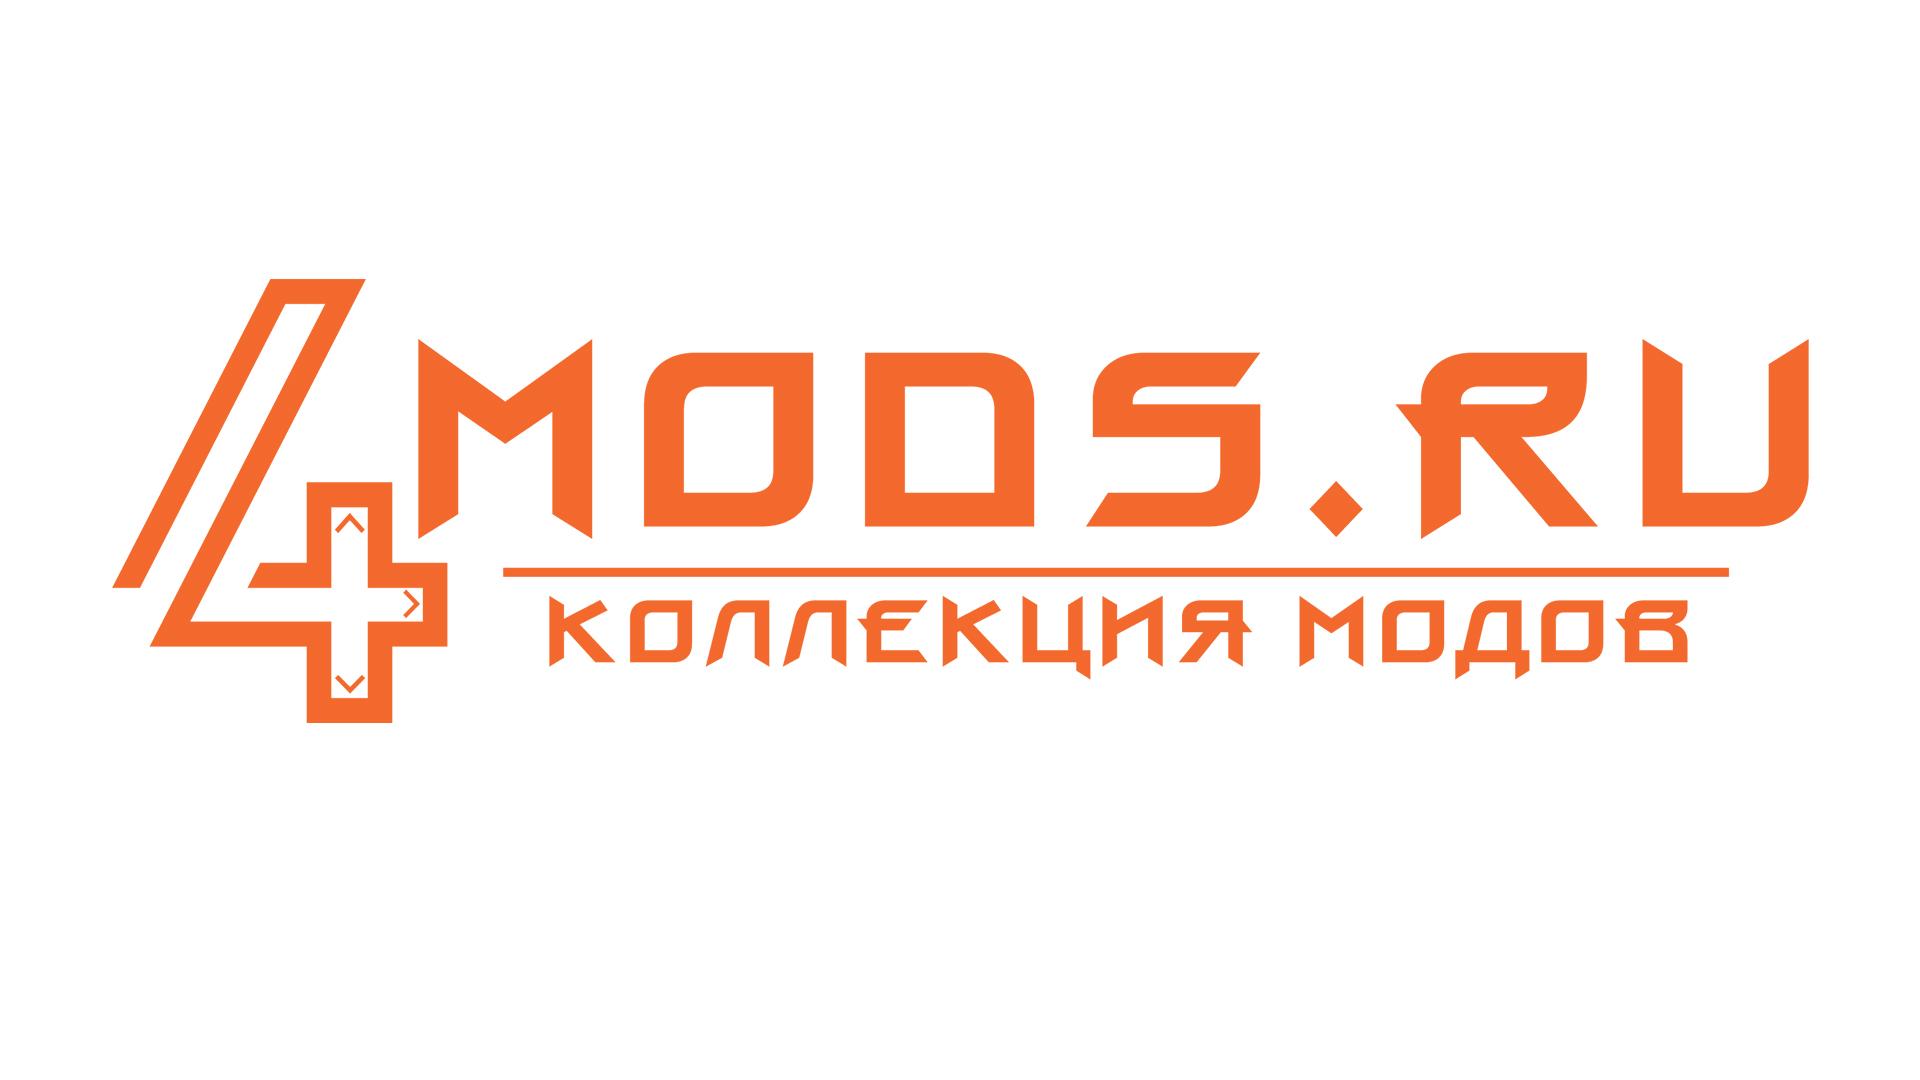 Открыта мобильная версия сайта 4Mods.ru